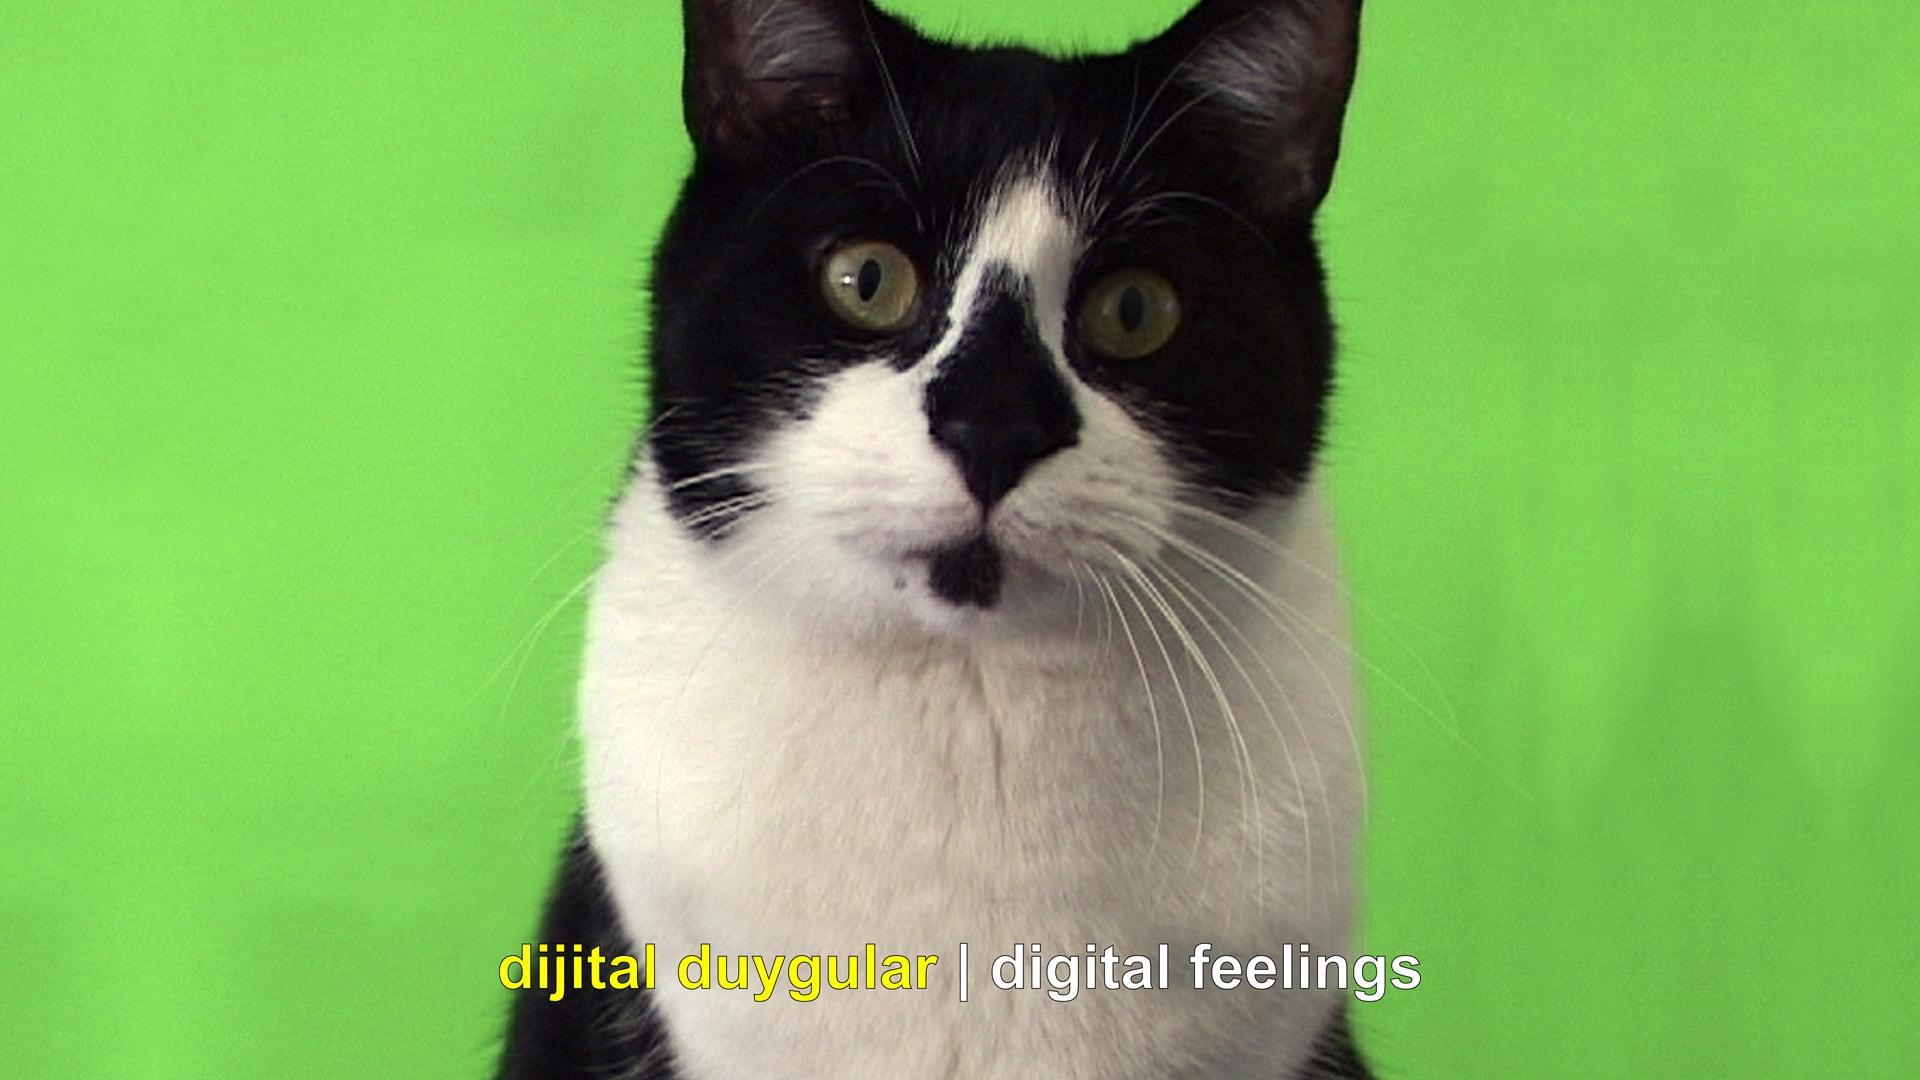 Dijital Duygular